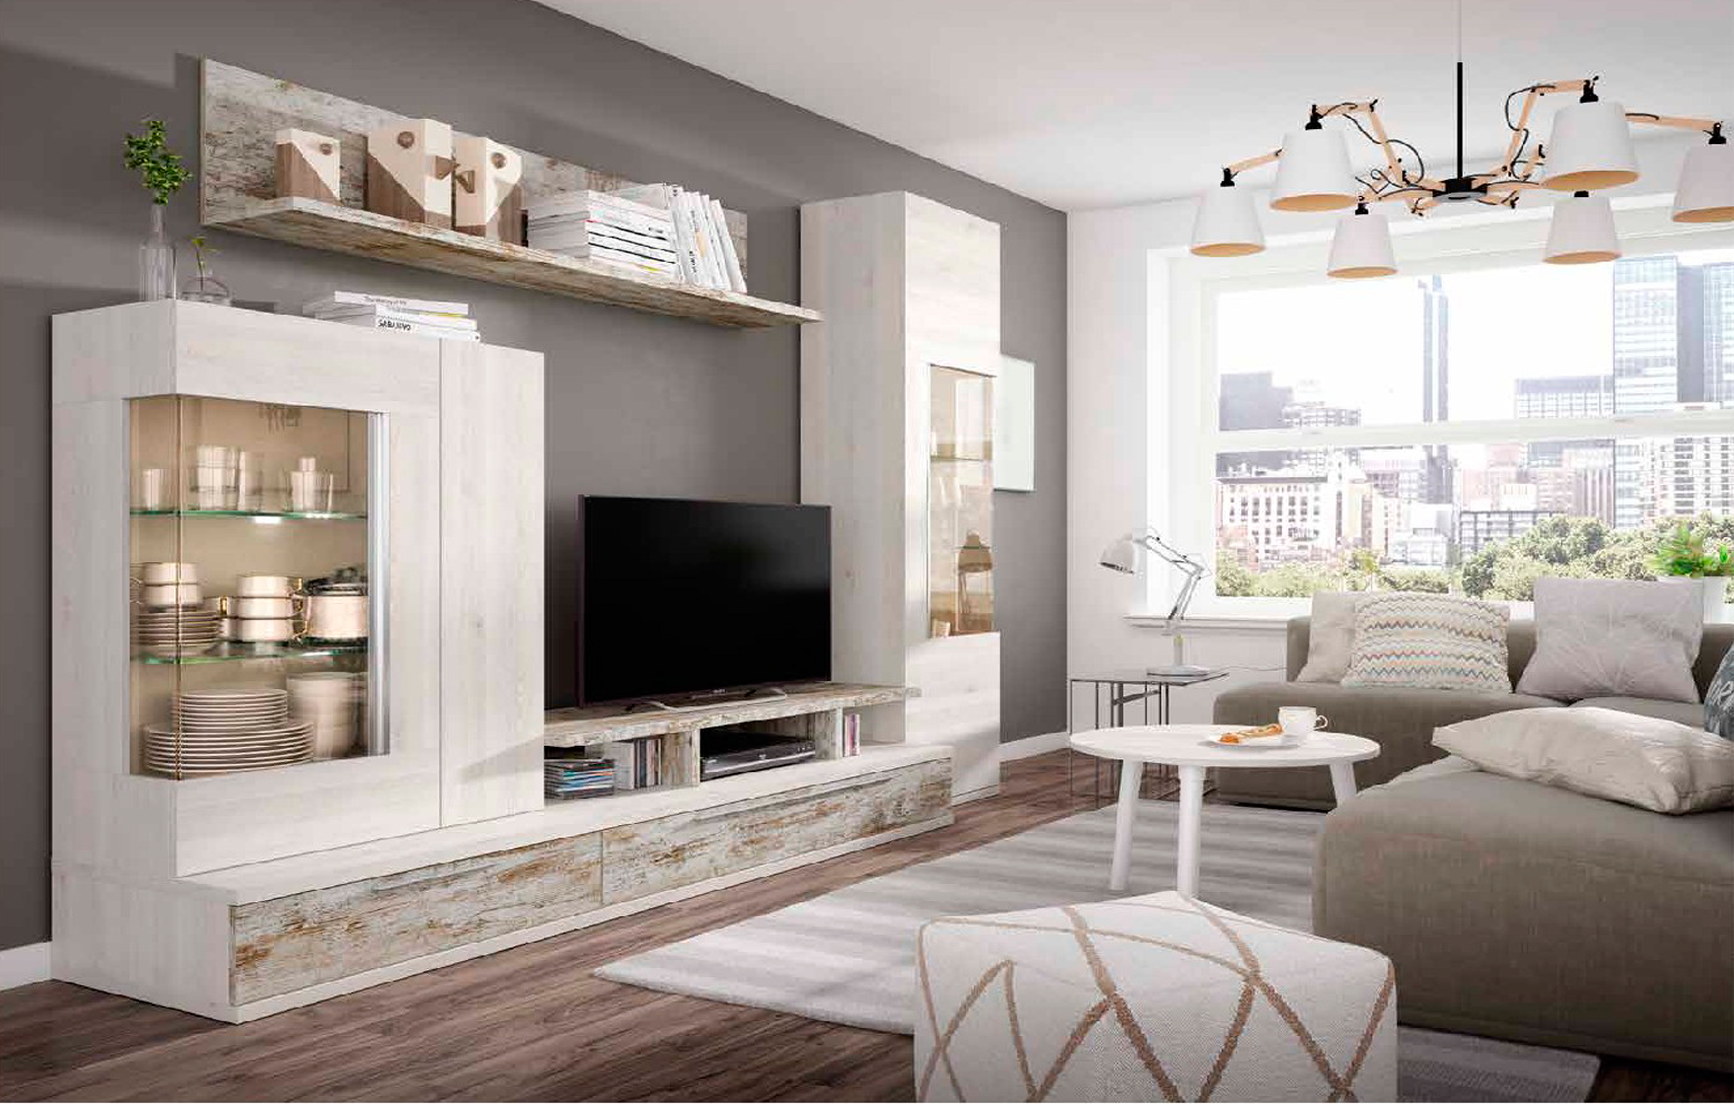 Mueble de sal n blanco nordic y vintage muebles adama for Factory de muebles en madrid